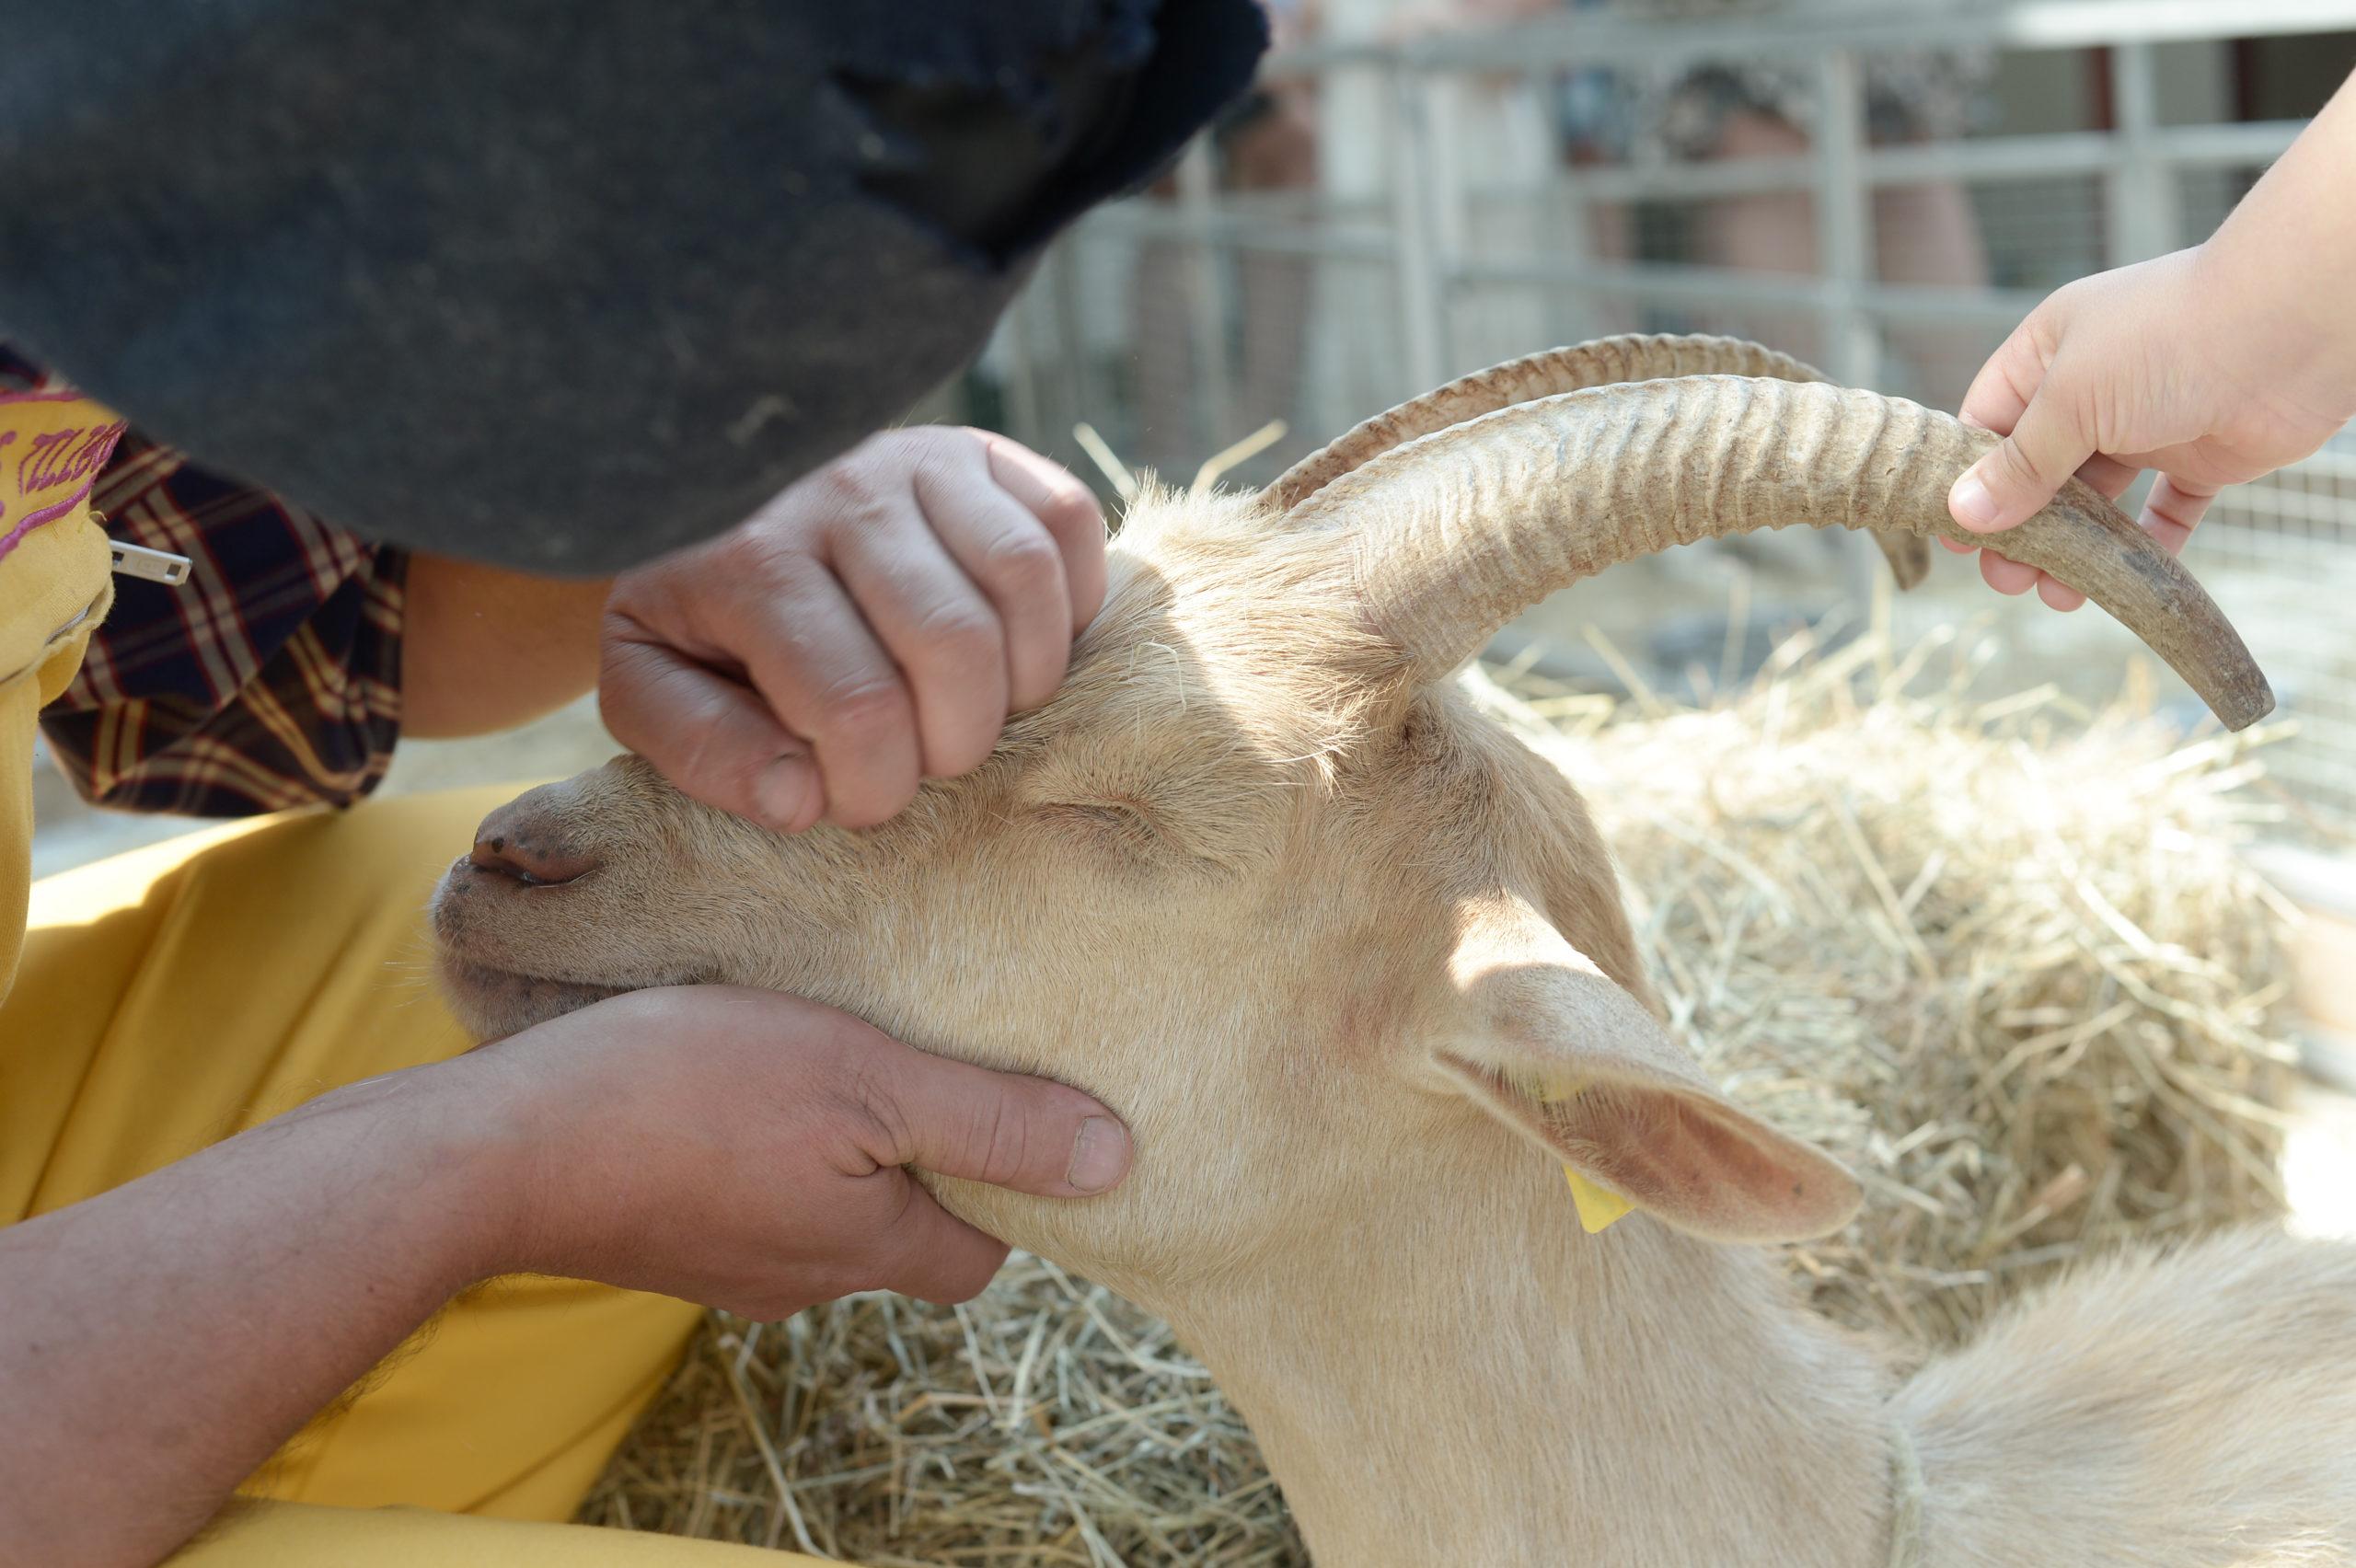 chèvre, ferme animaux corne enfants animation